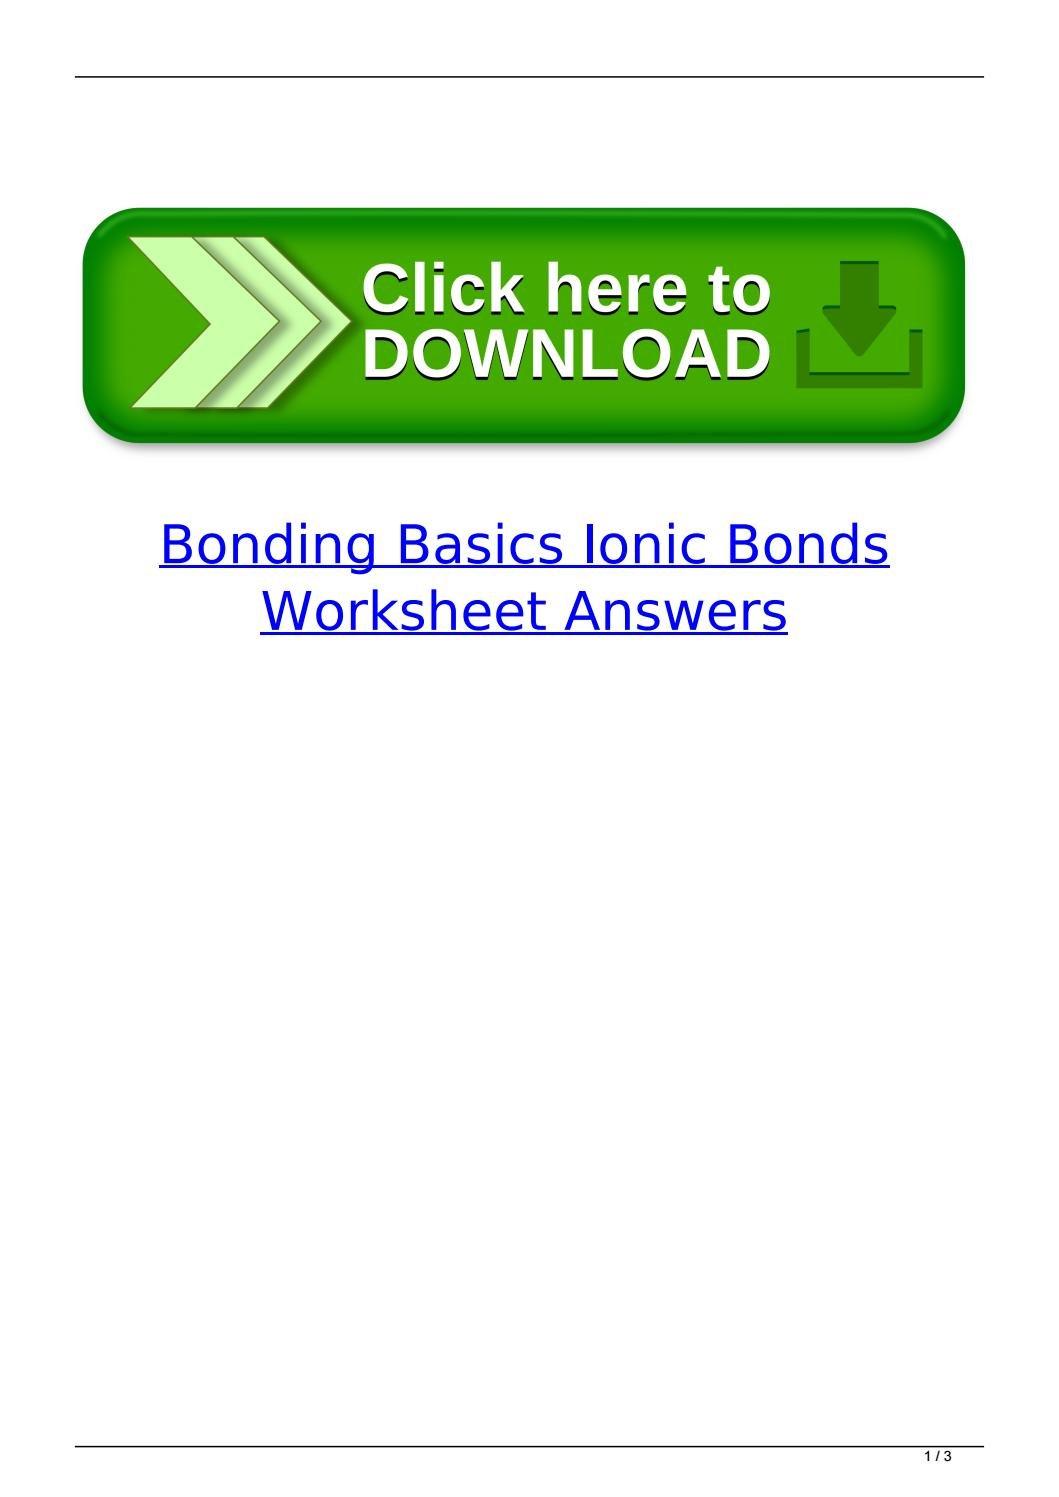 Bonding Basics Ionic Bonds Worksheet Answers